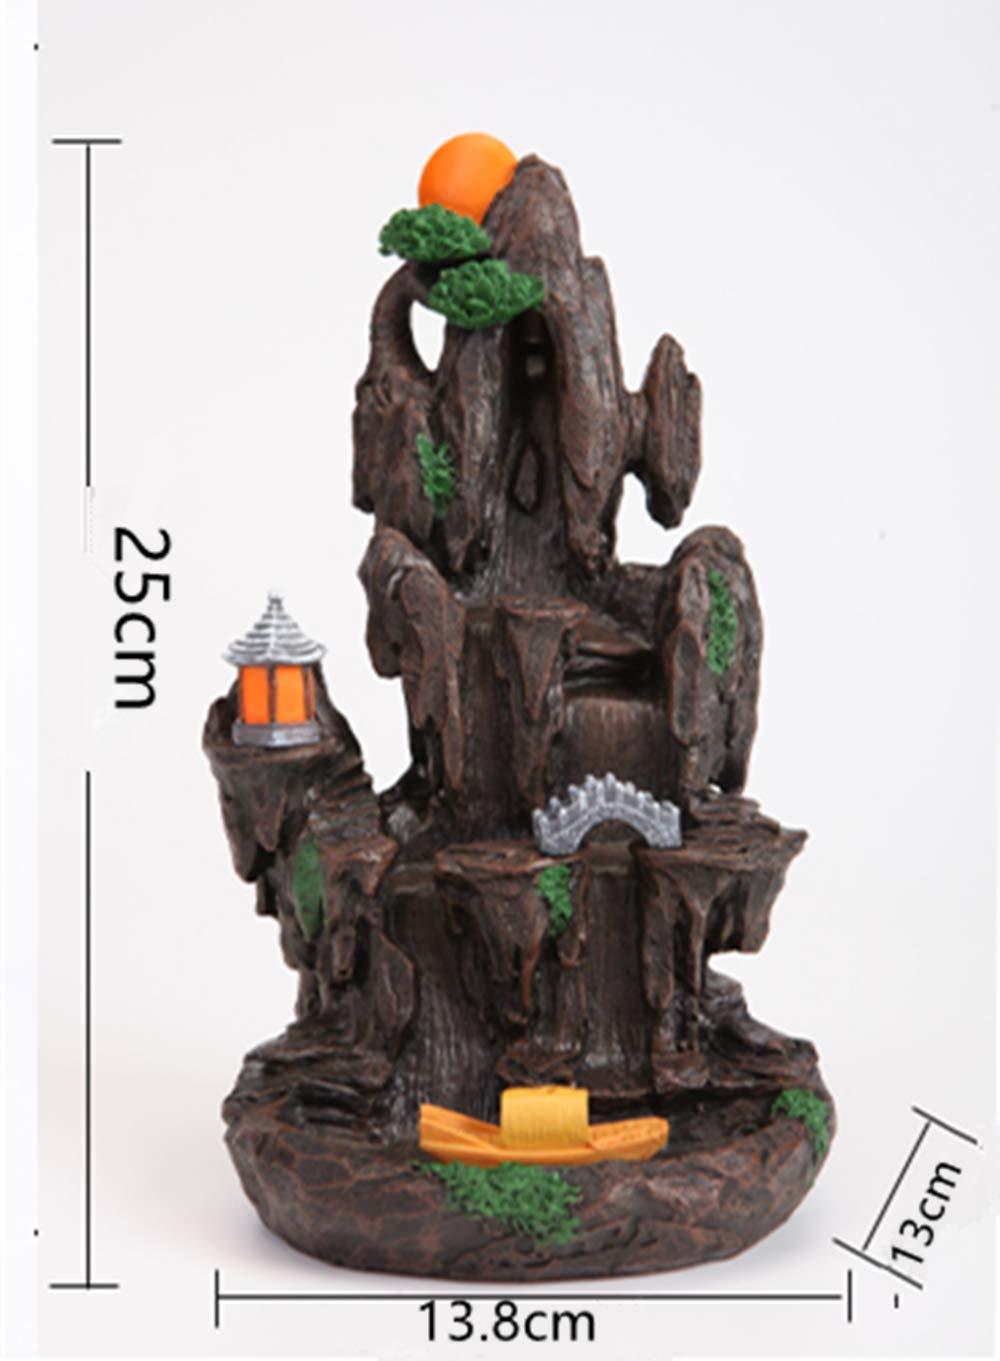 semli Incense Burner Backflow Incense Burner Holder Incense Stick Holder Home Office Decor by semli (Image #3)